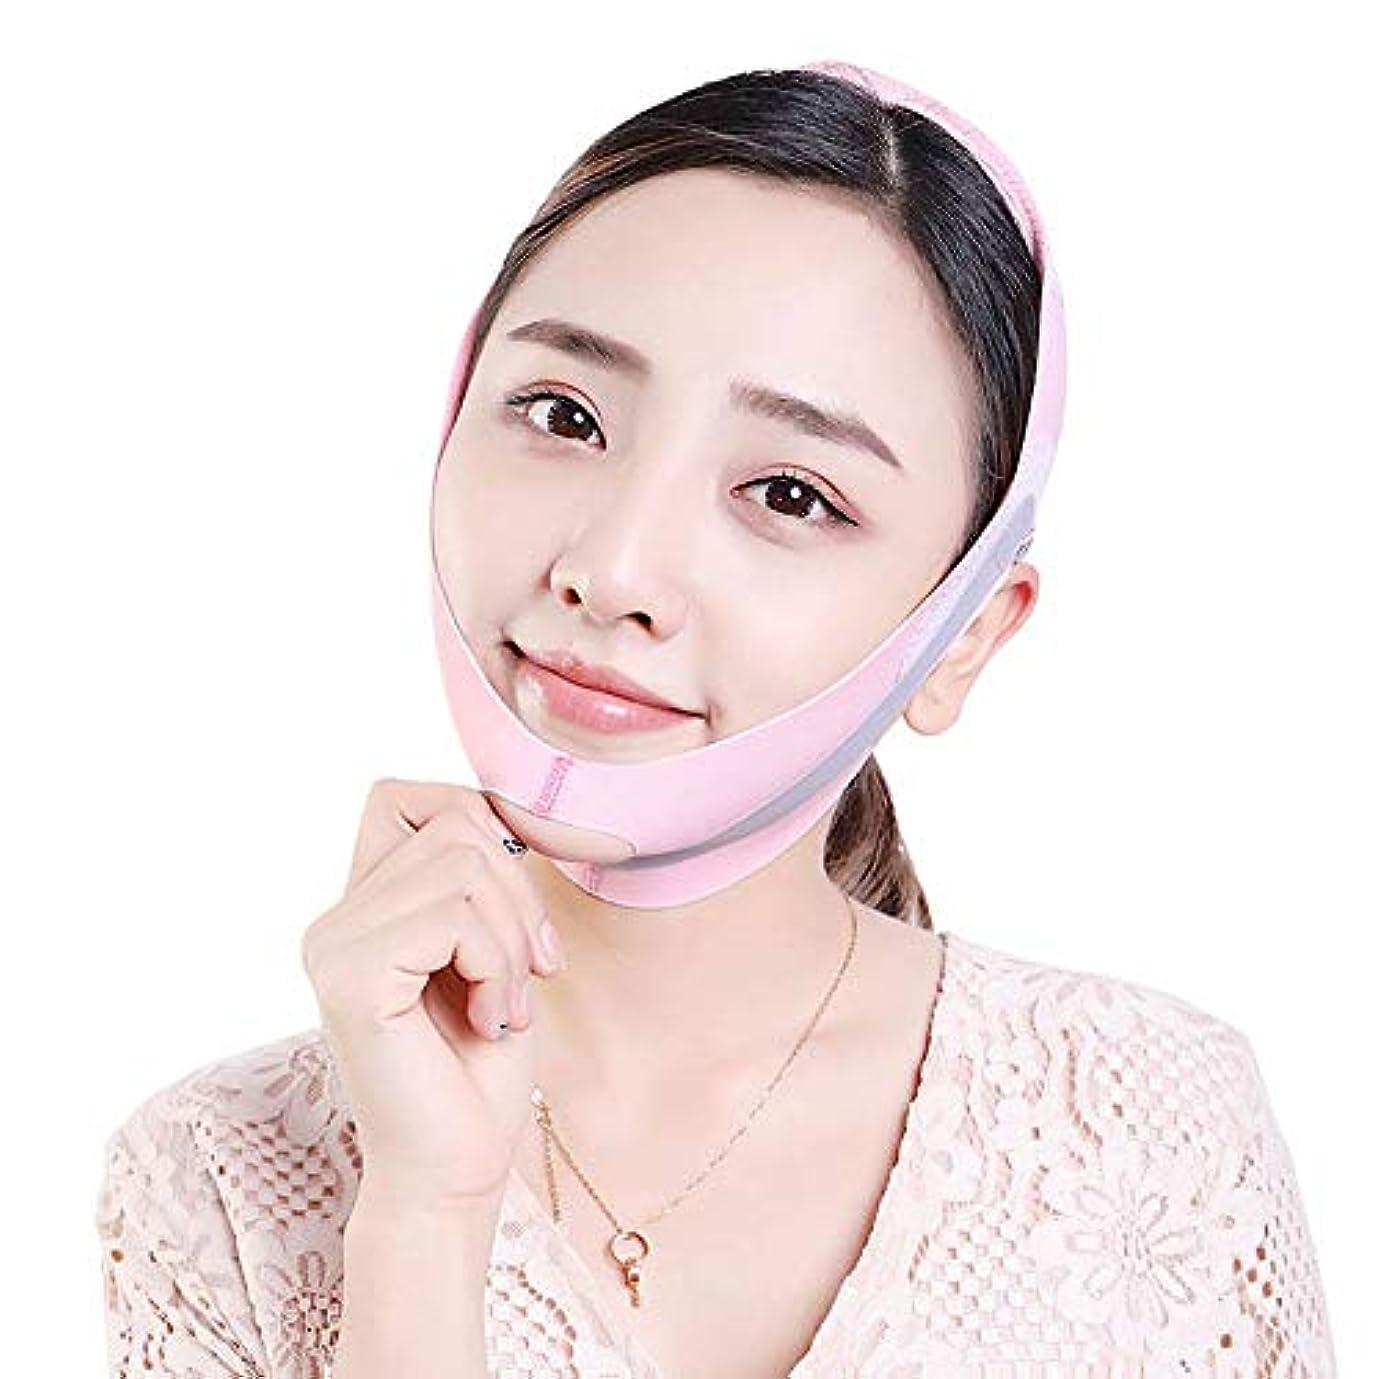 温かい織機専門化する飛強強 たるみを防ぐために顔を持ち上げるために筋肉を引き締めるために二重あごのステッカーとラインを削除するために、顔を持ち上げるアーティファクト包帯があります - ピンク スリムフィット美容ツール